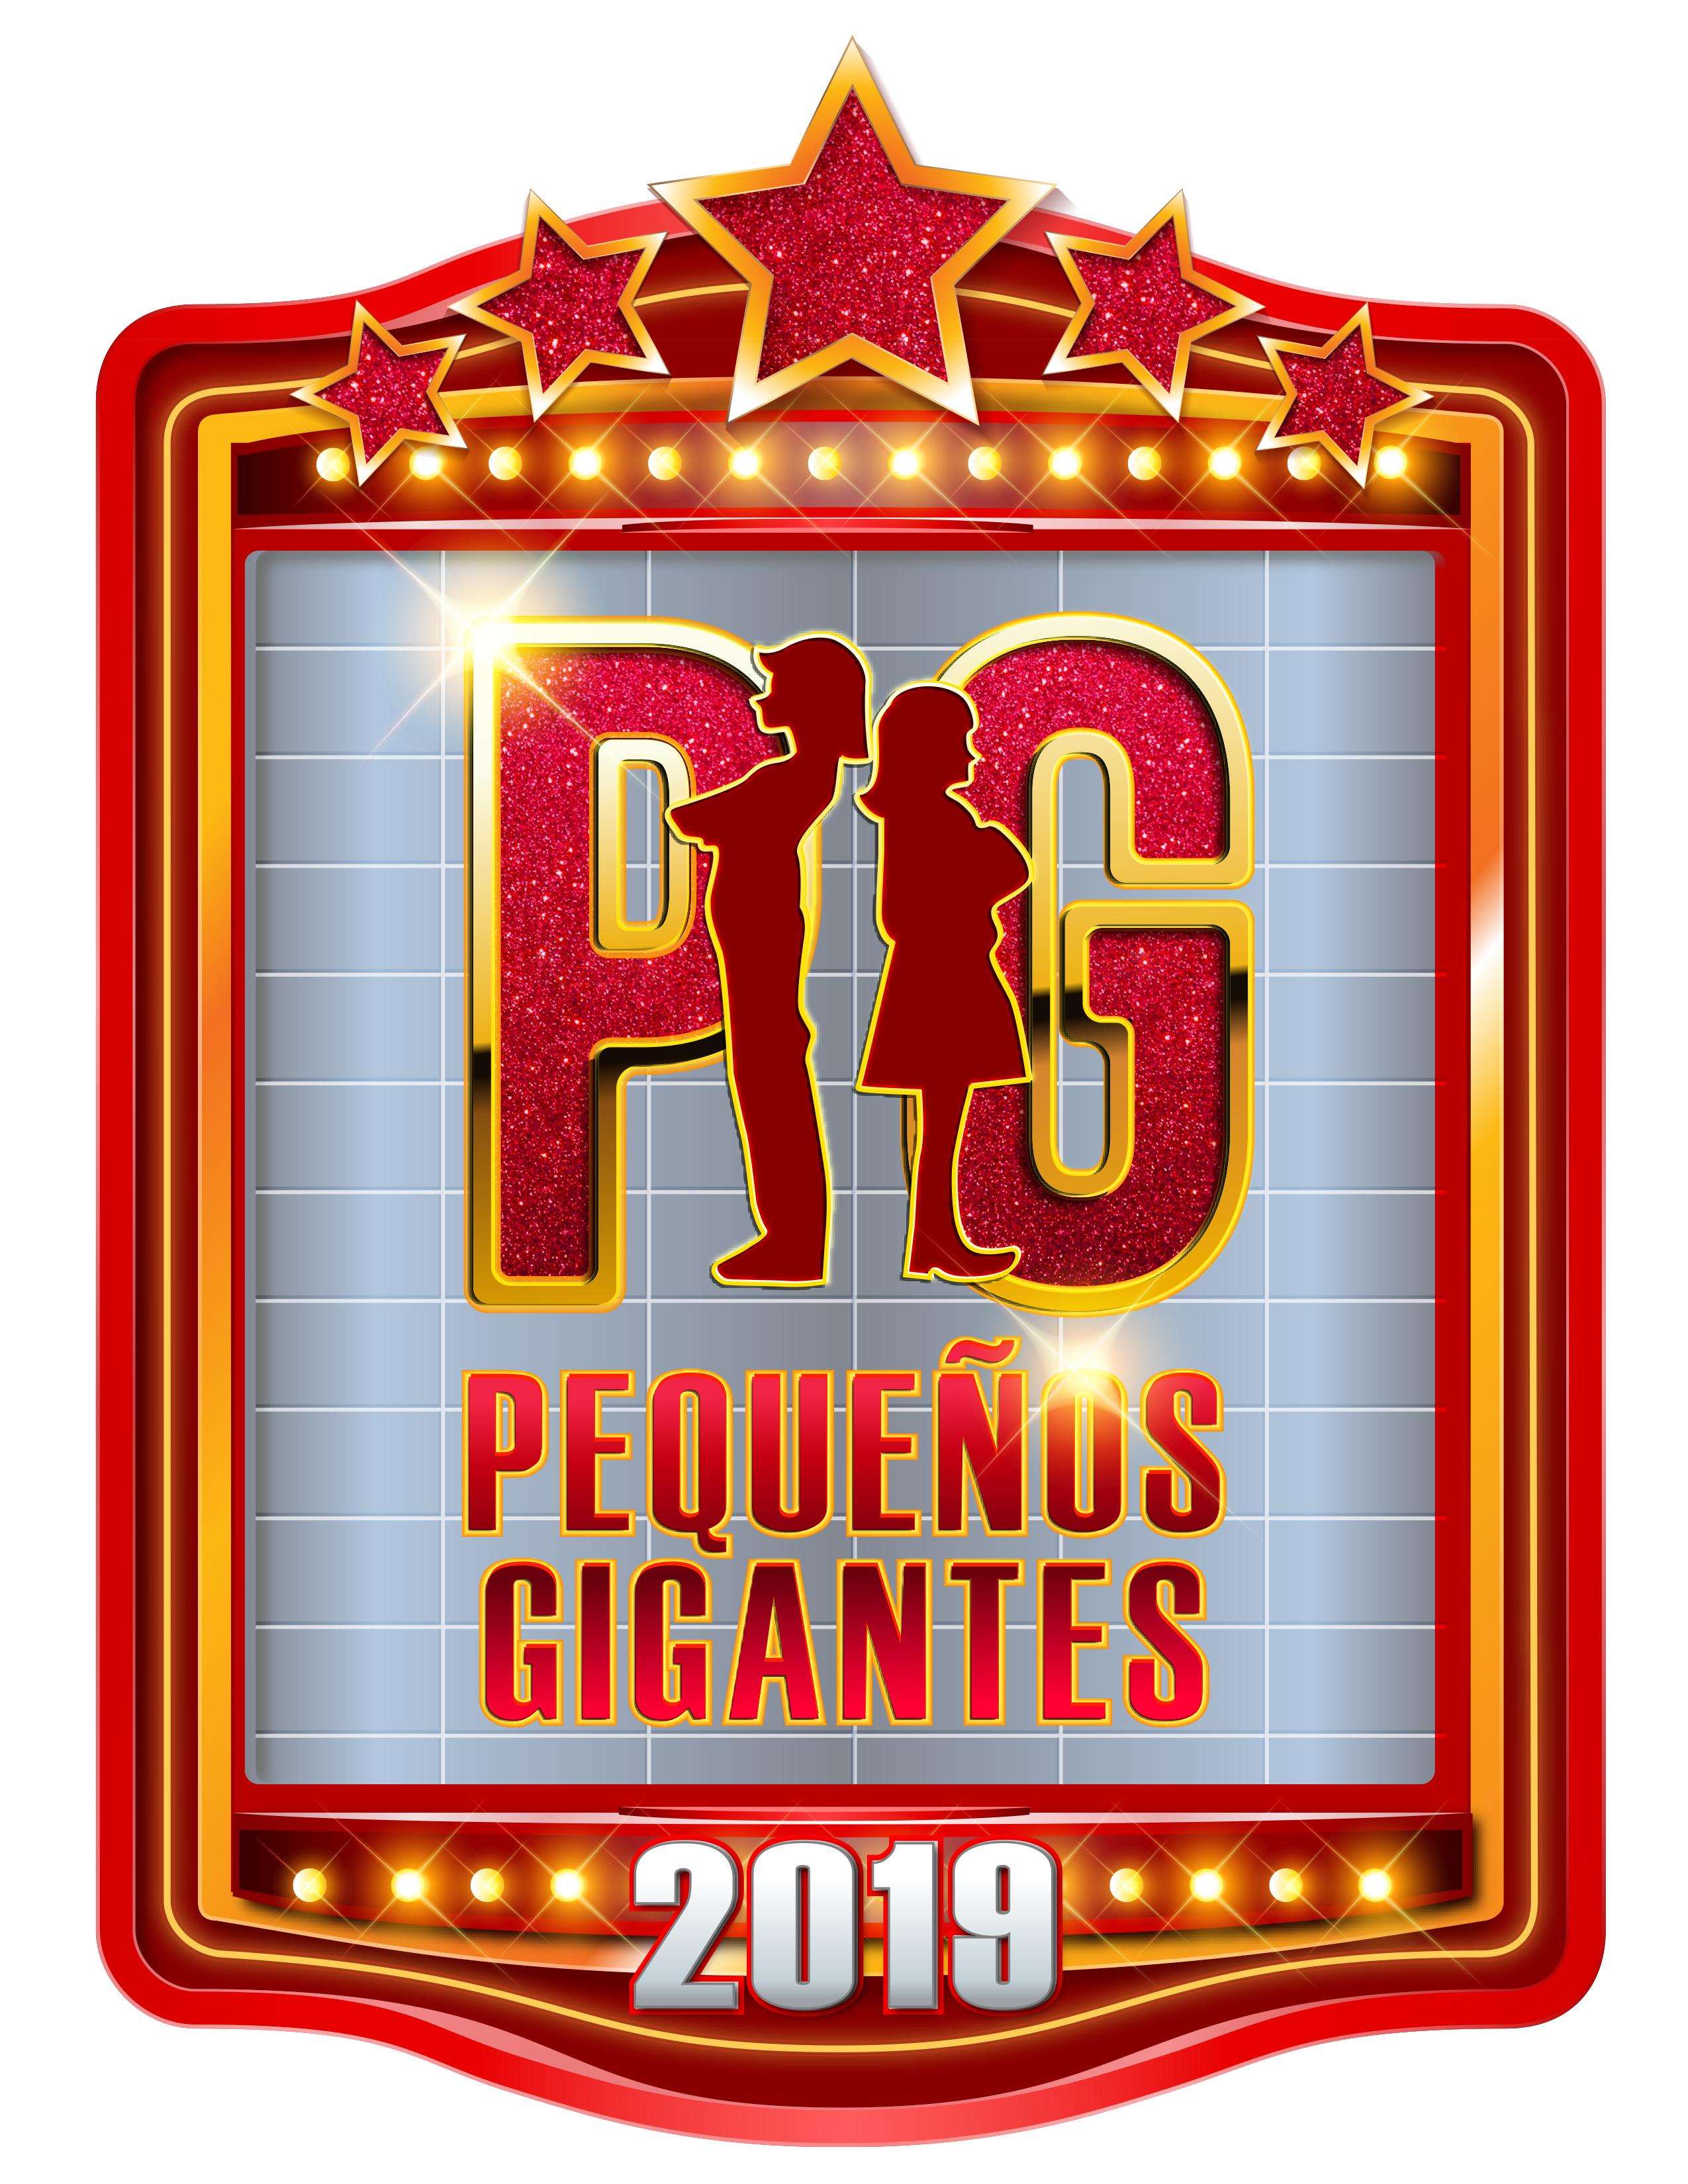 Pequeños Gigantes - La Lista -3 - April 2019